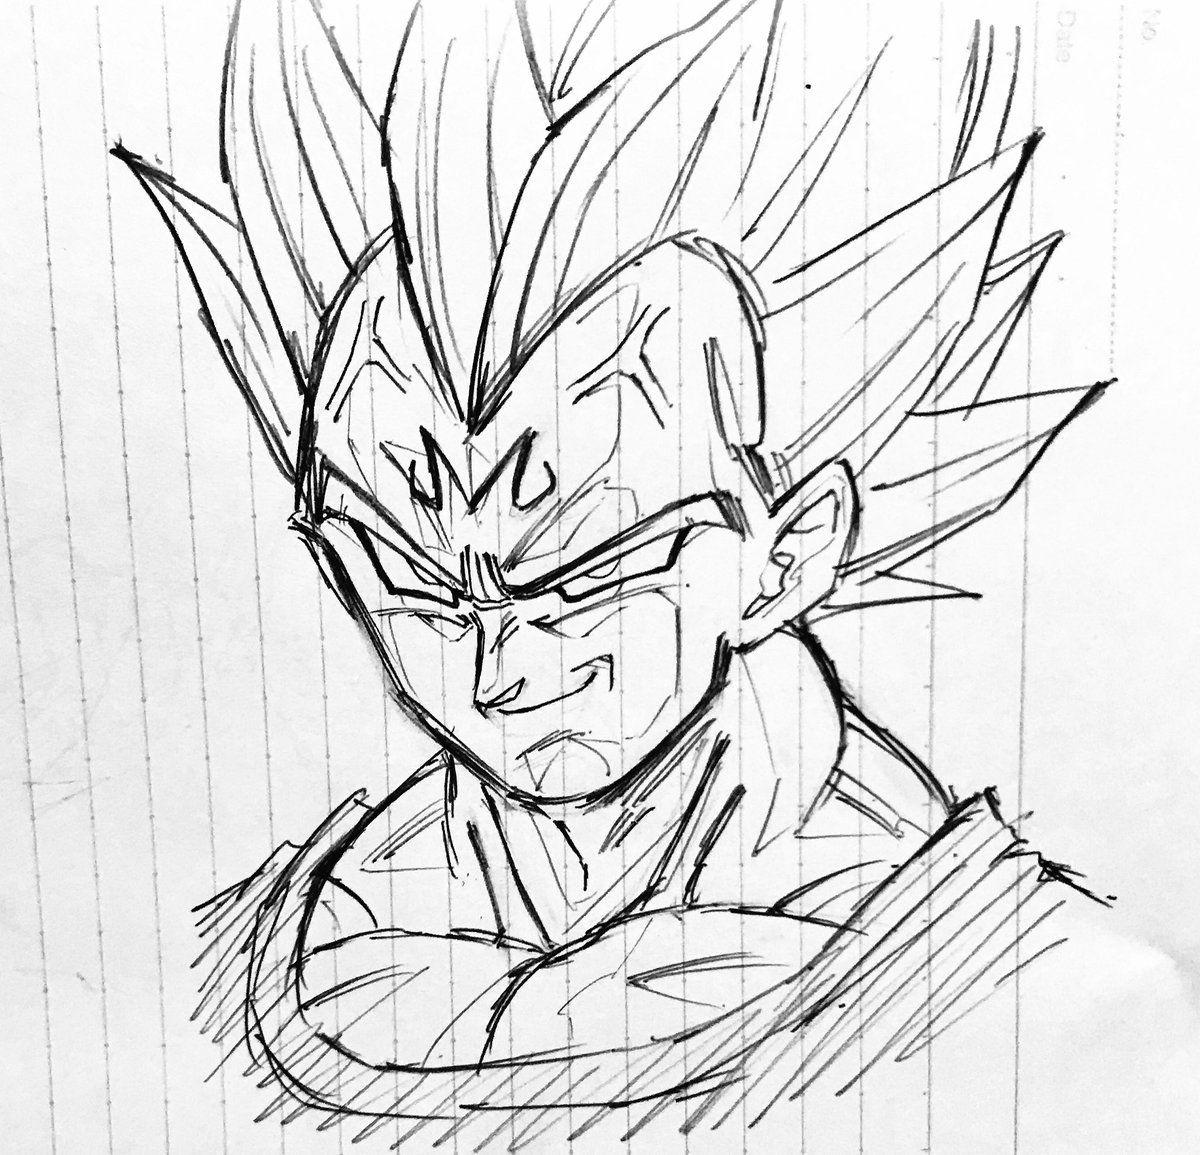 Majin Vegeta Ssj2 Desenho De Anime Desenhos De Anime Goku Desenho